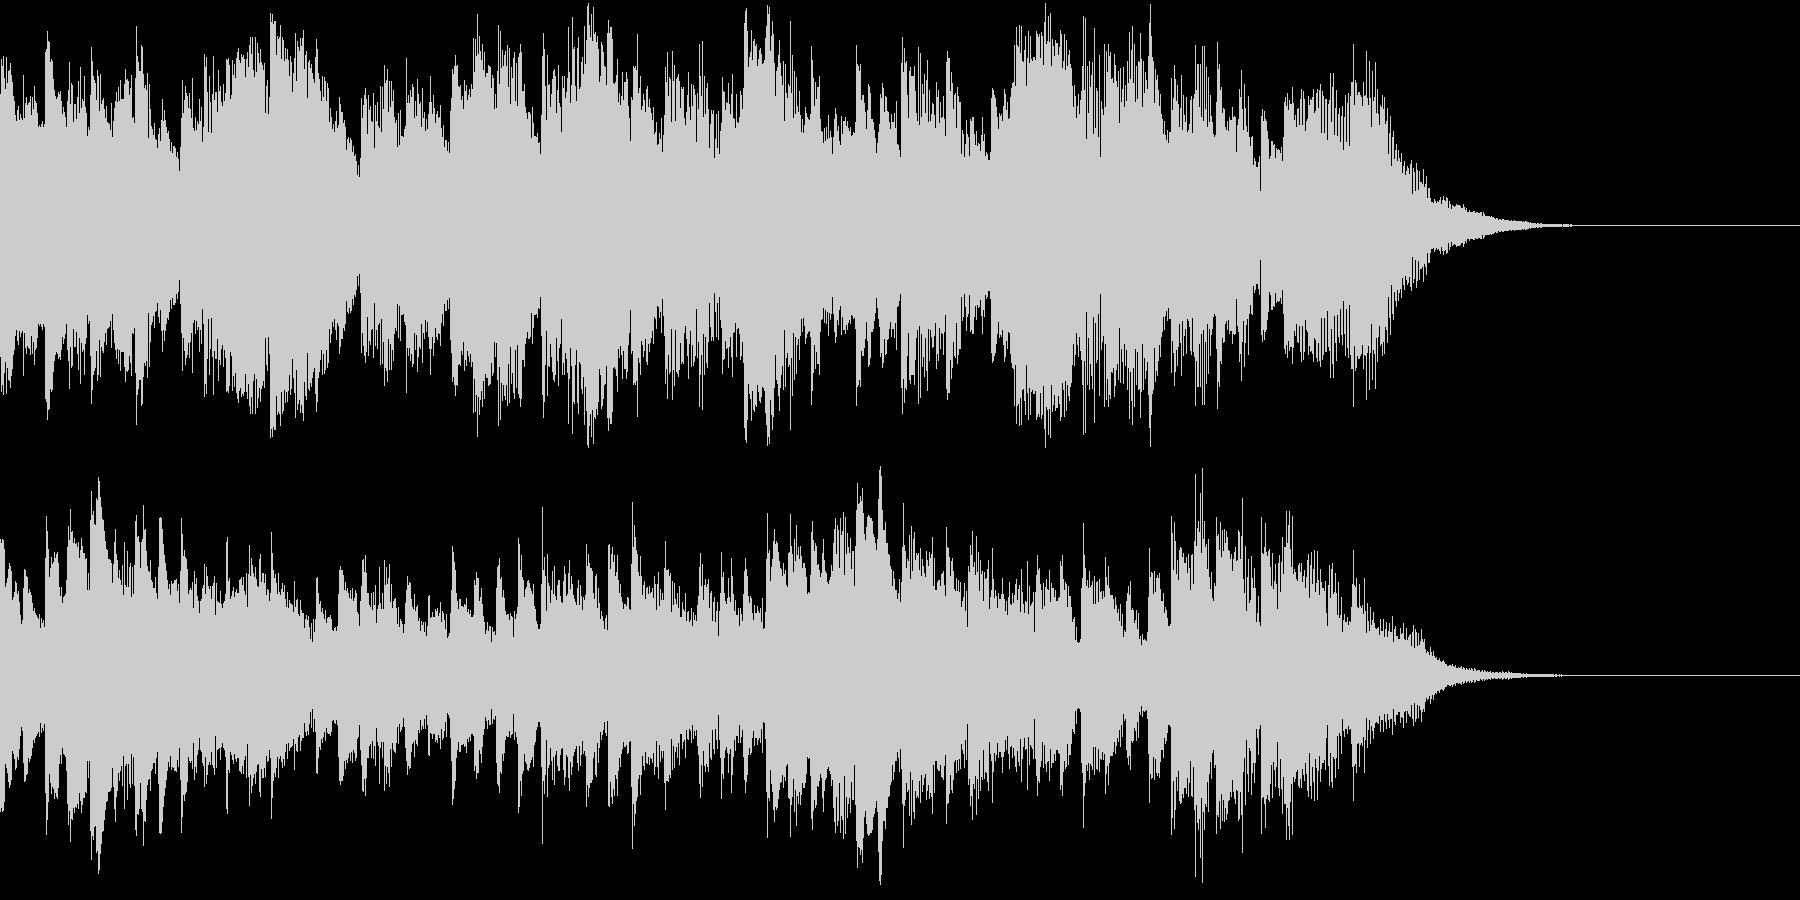 過去を思い返す柔らかいピアノインストの未再生の波形